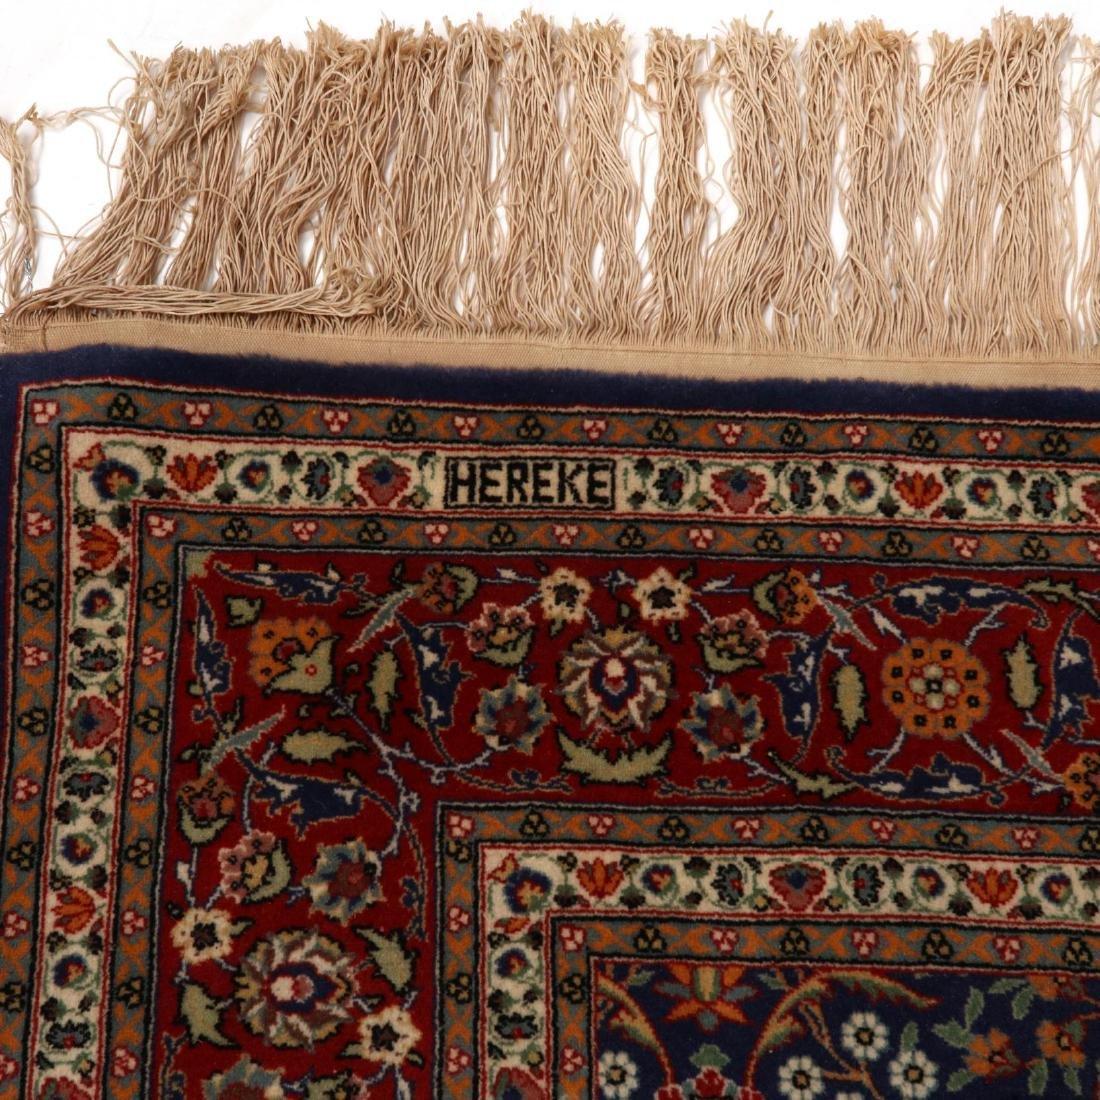 Turkish Hereke Carpet - 2